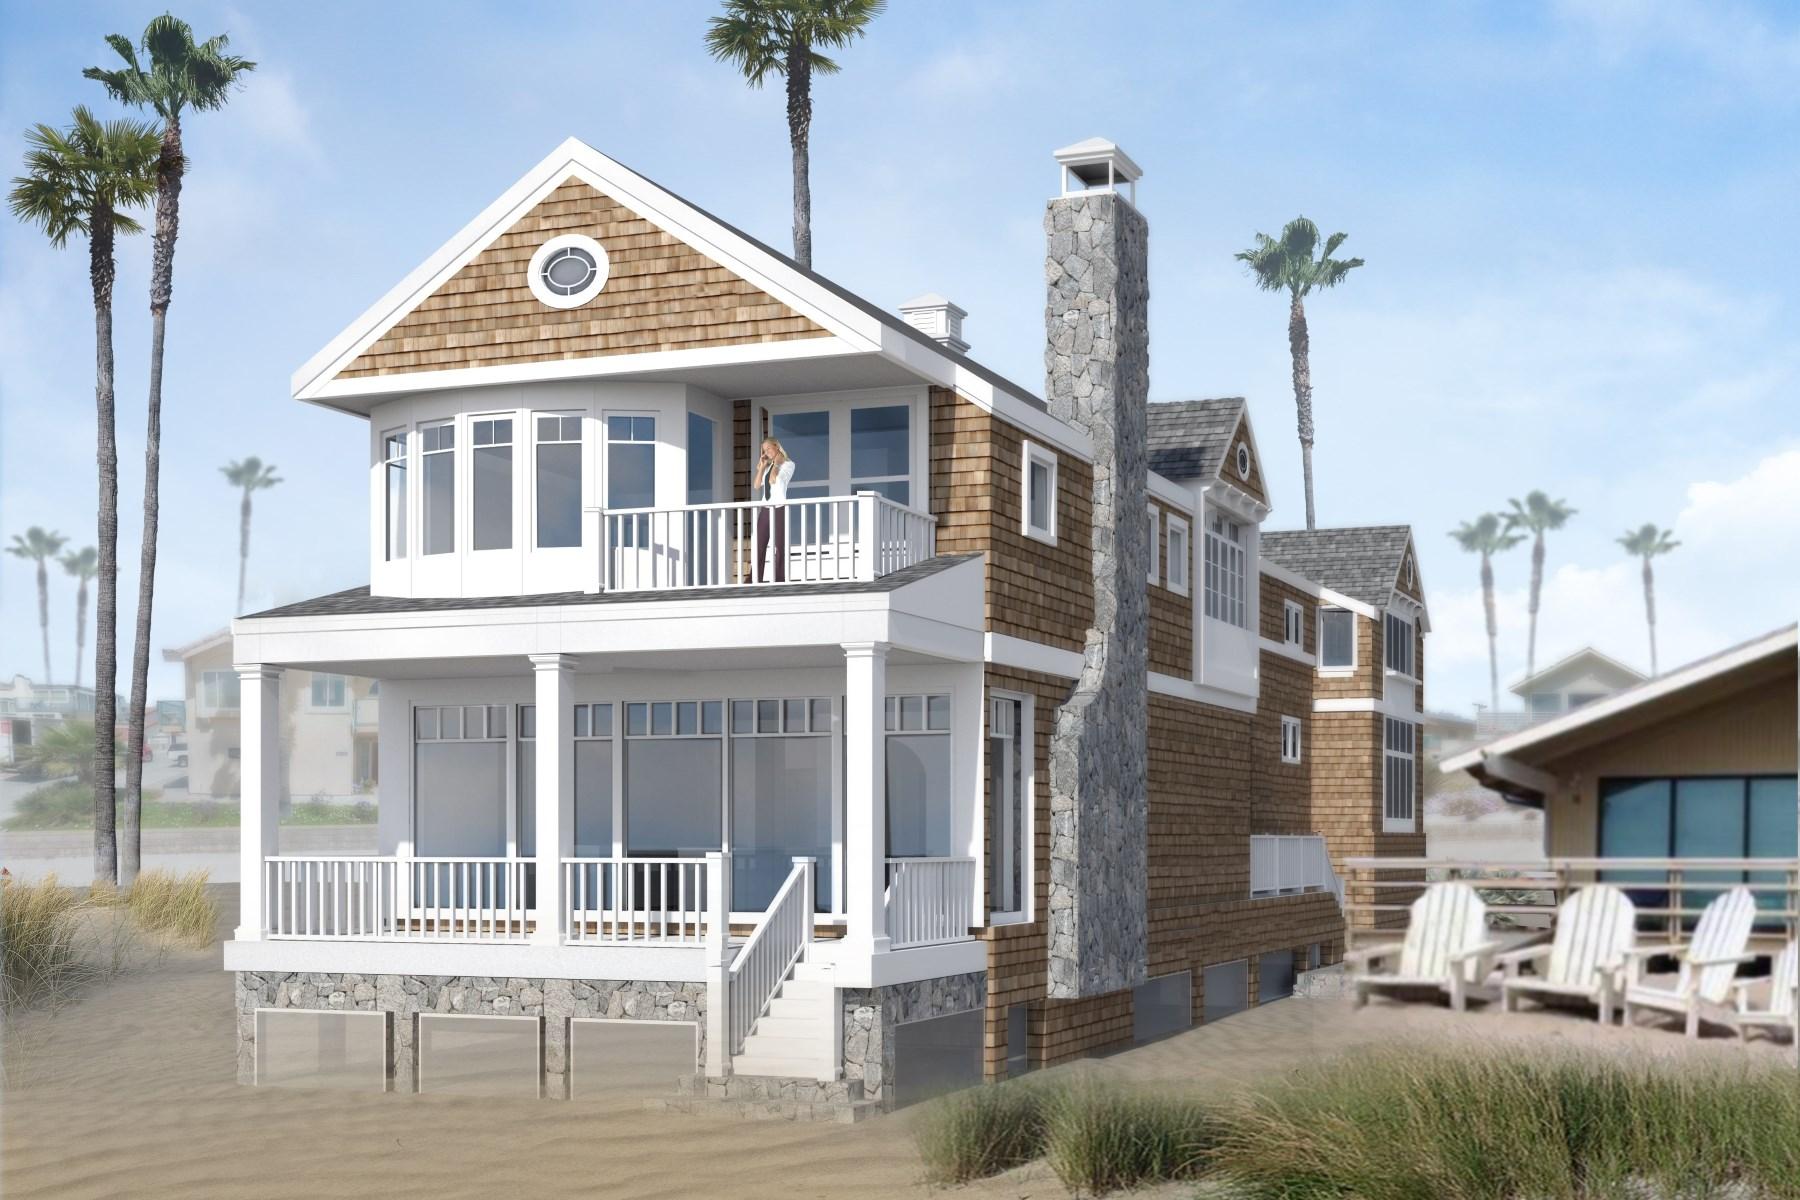 Casa Unifamiliar por un Venta en Quintessential Beach House 861 Mandalay Beach Road Oxnard, California, 93035 Estados Unidos